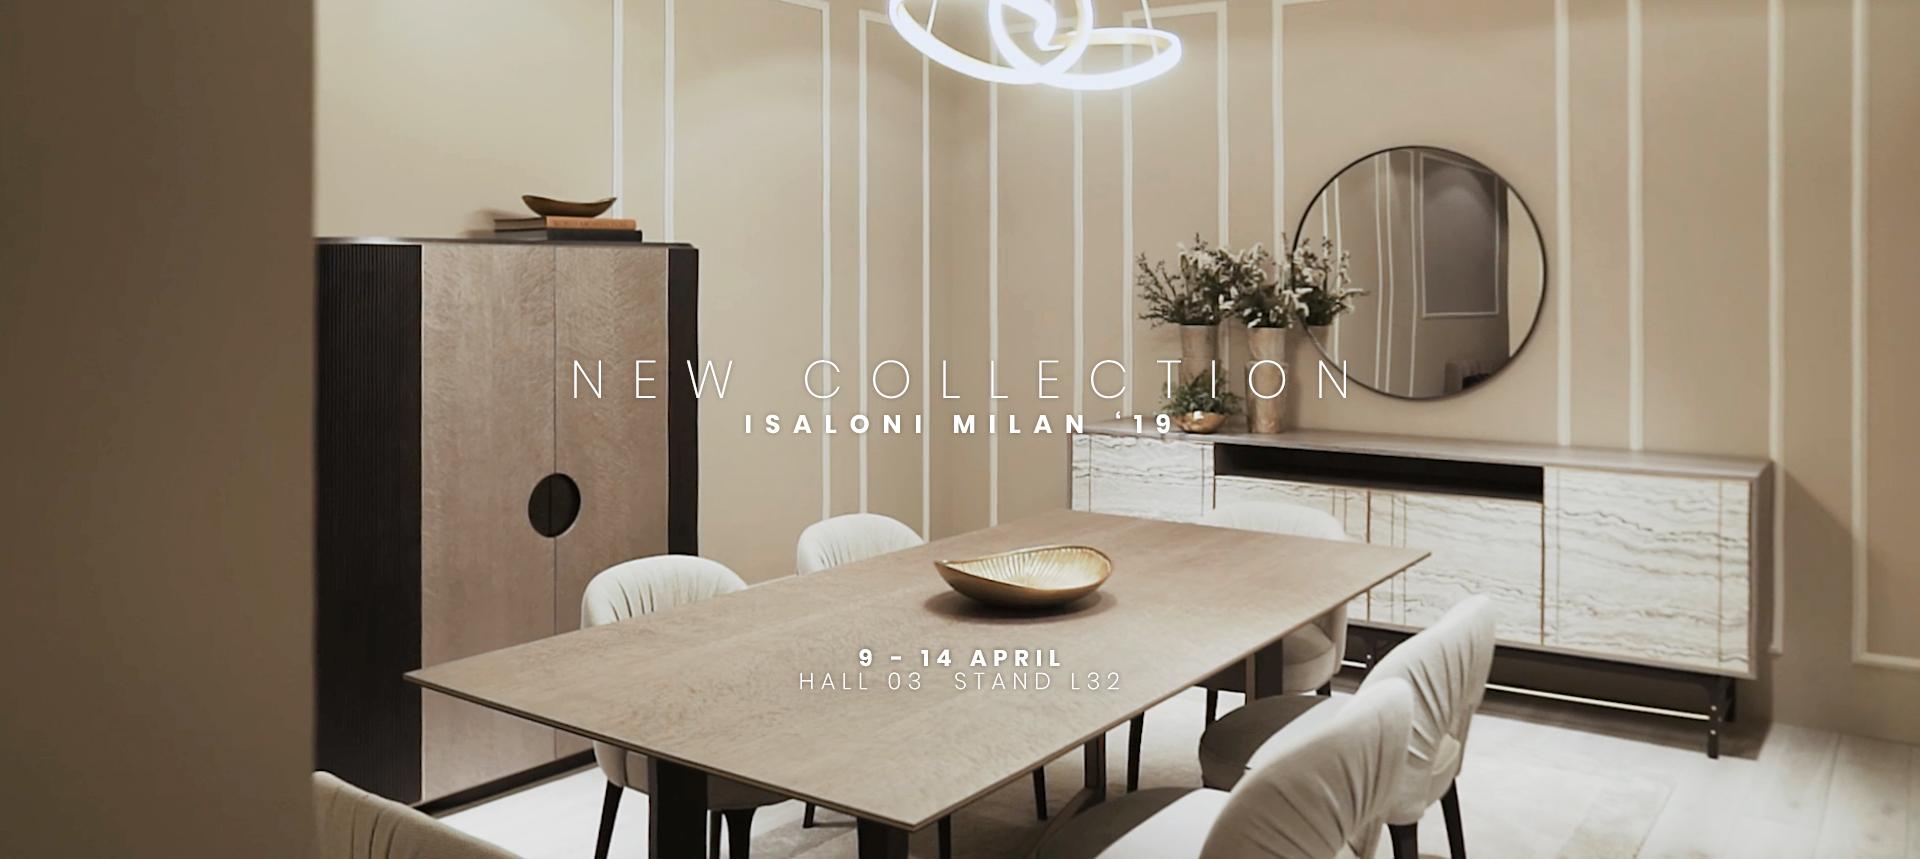 Dare-Isaloni19